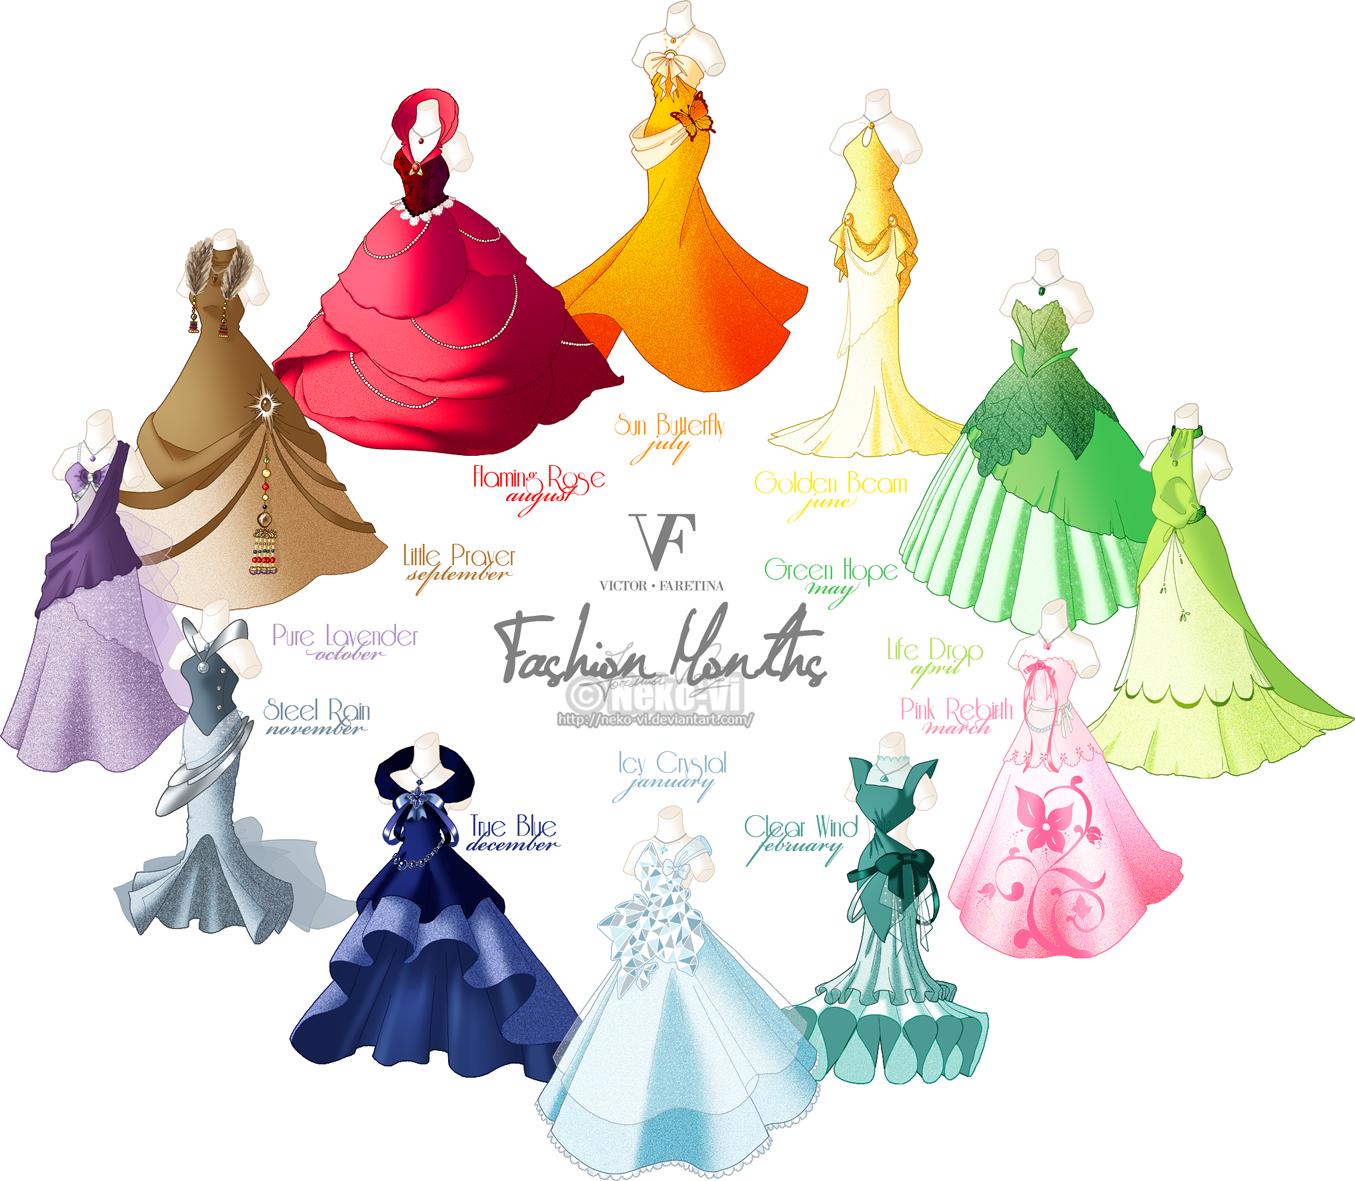 Fashion Months by Neko-Vi